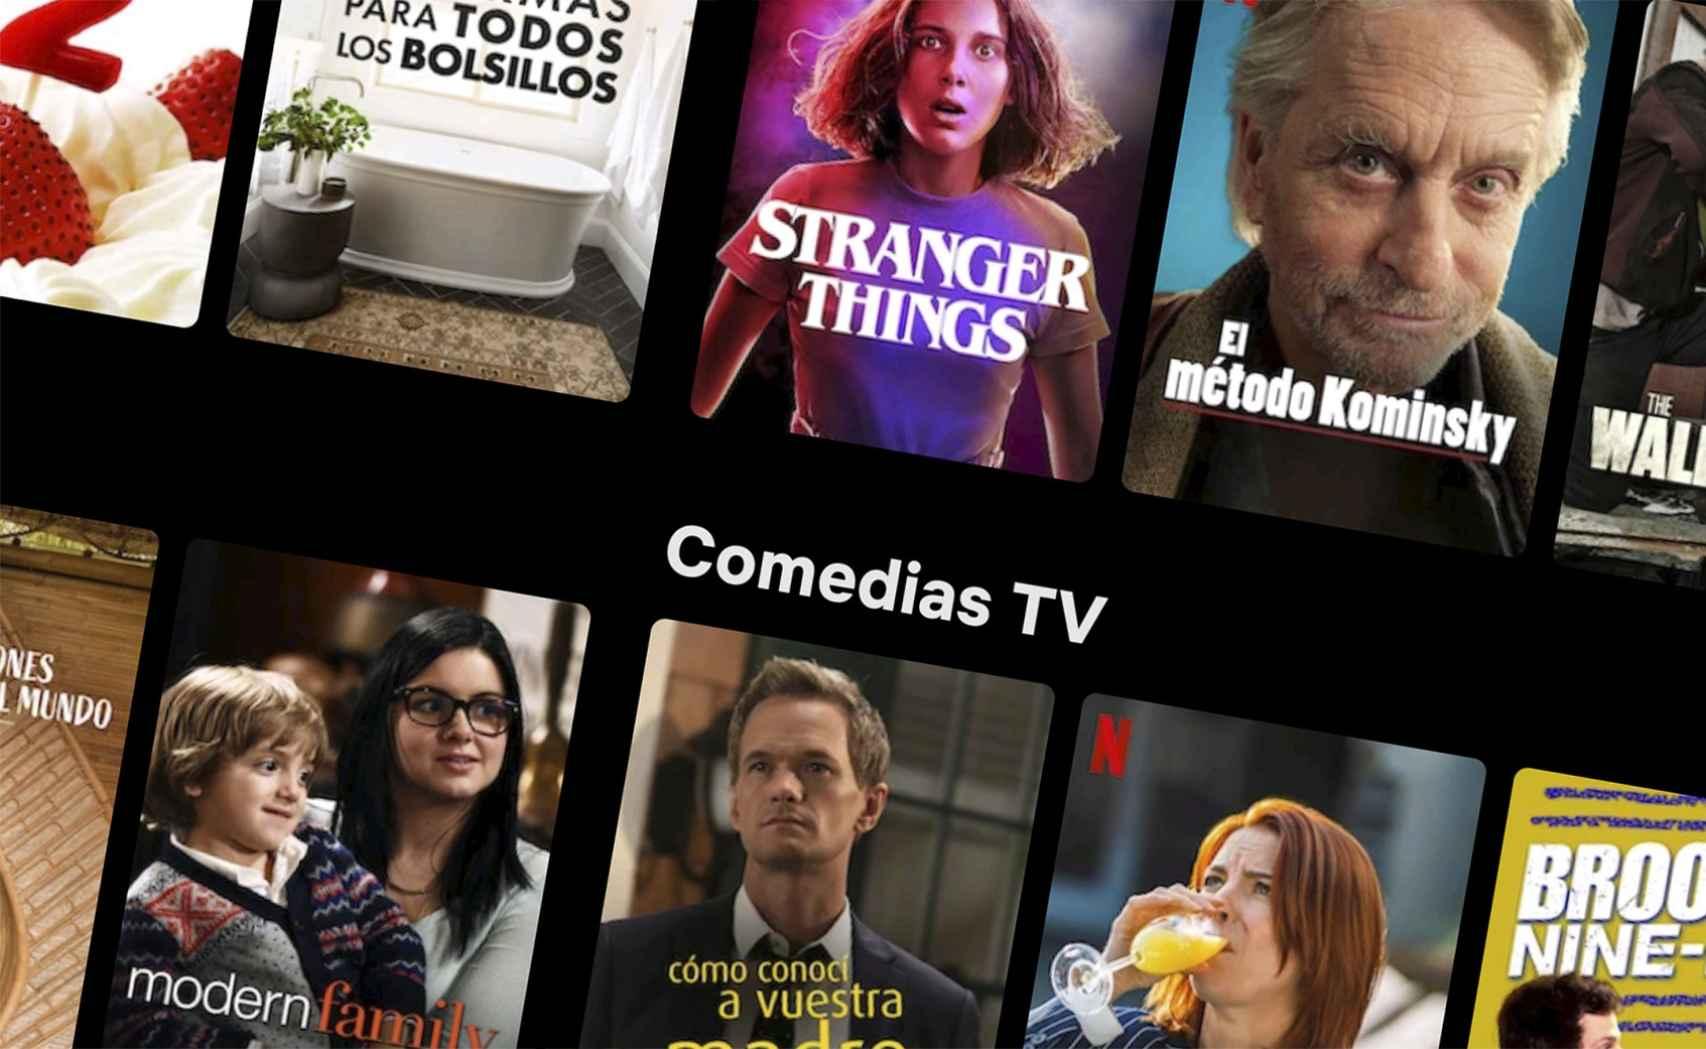 Streaming en Netflix